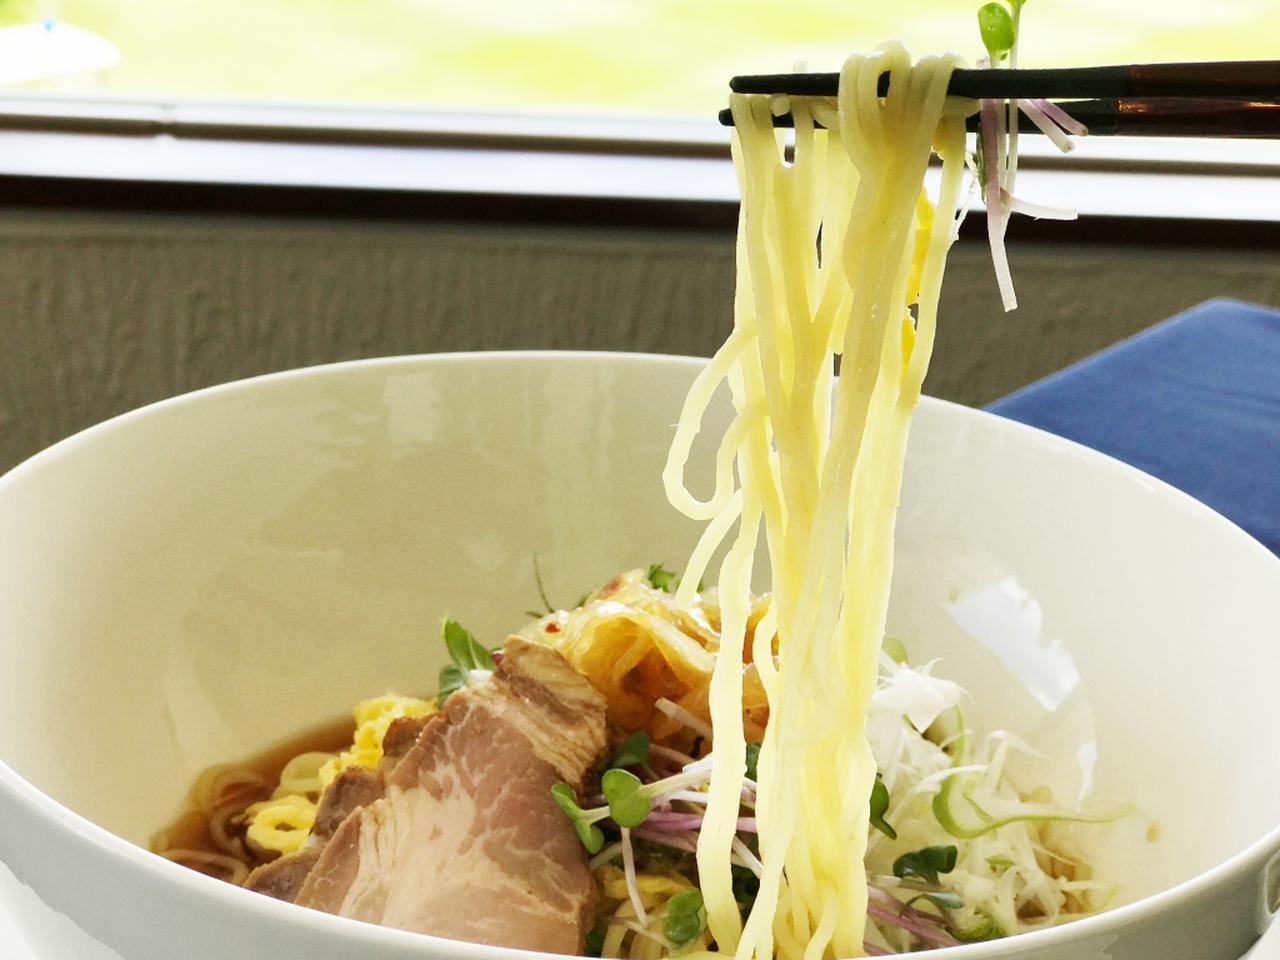 画像2: この王道の味わいは「グラン冷やし中華」と言いたくなる